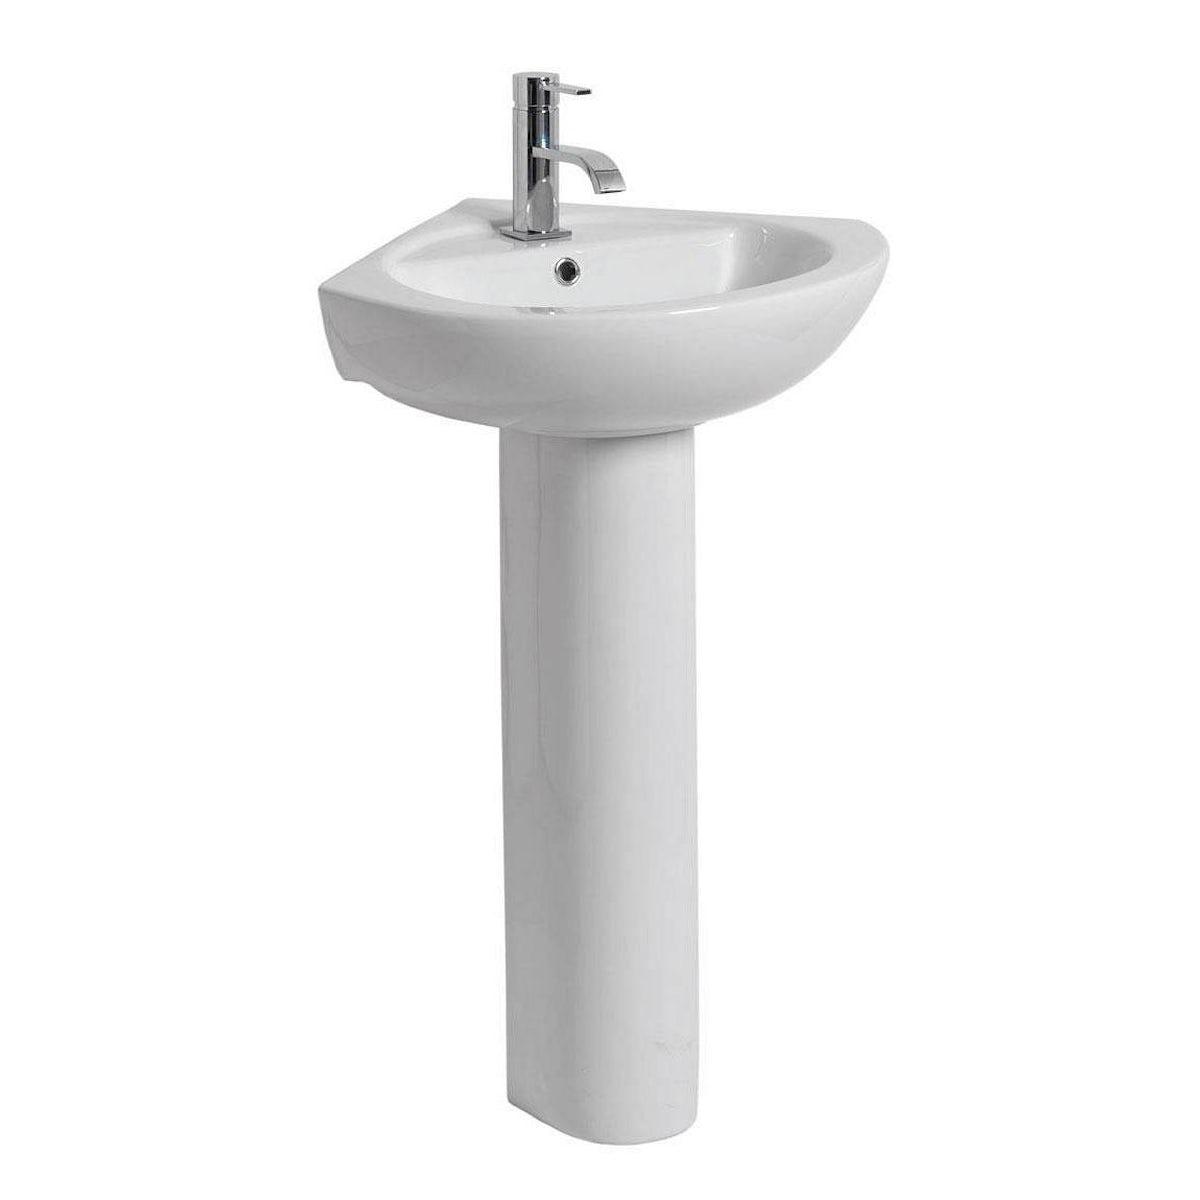 Corner Pedestal Basin : Palm 1 tap hole full pedestal corner basin 565mm